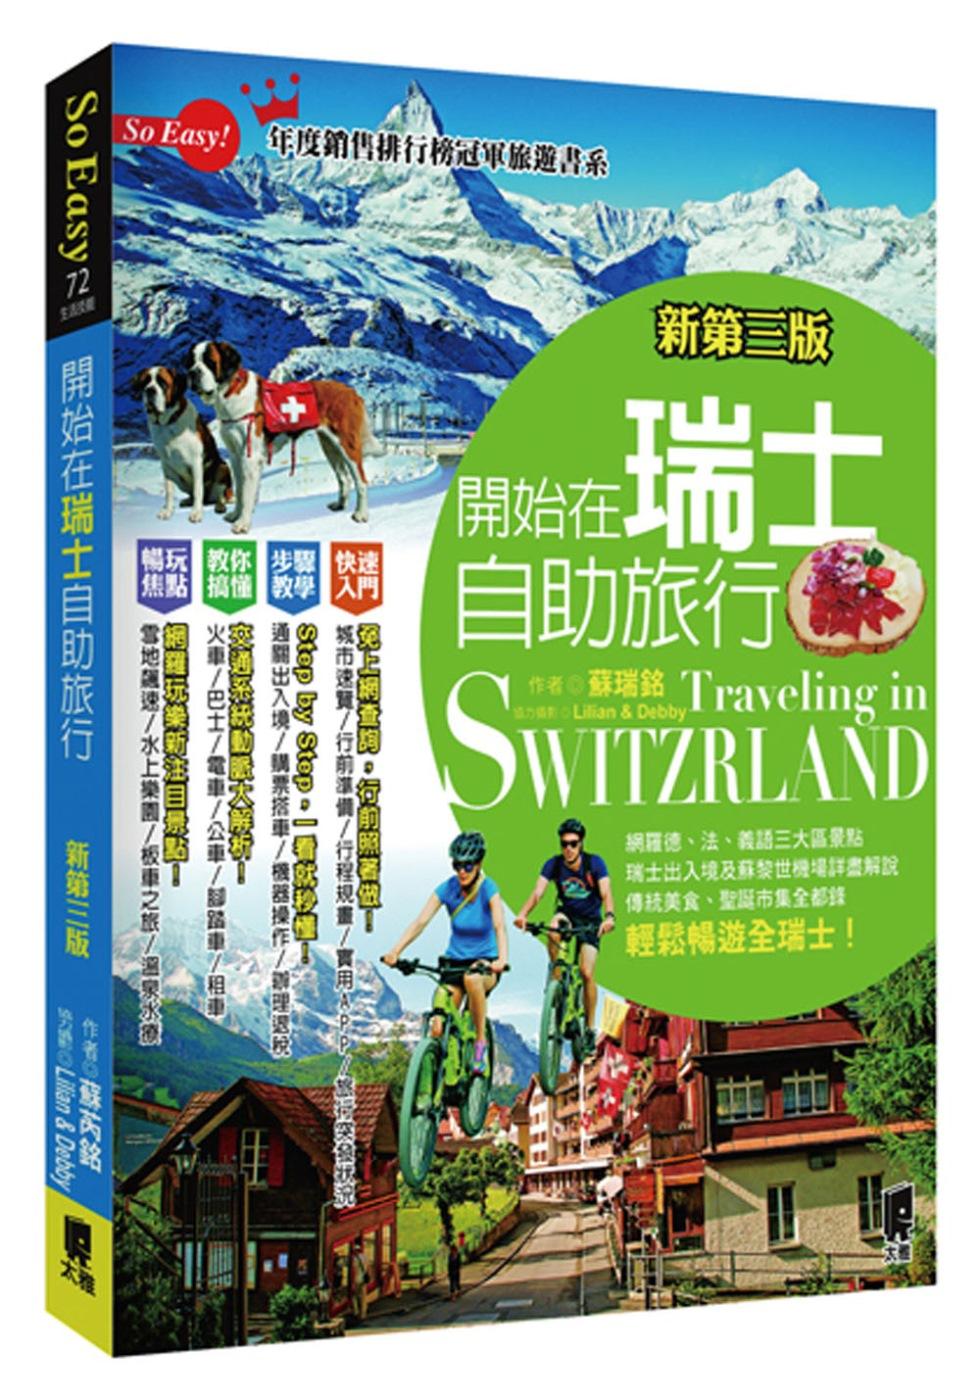 ◤博客來BOOKS◢ 暢銷書榜《推薦》開始在瑞士自助旅行(新第三版)